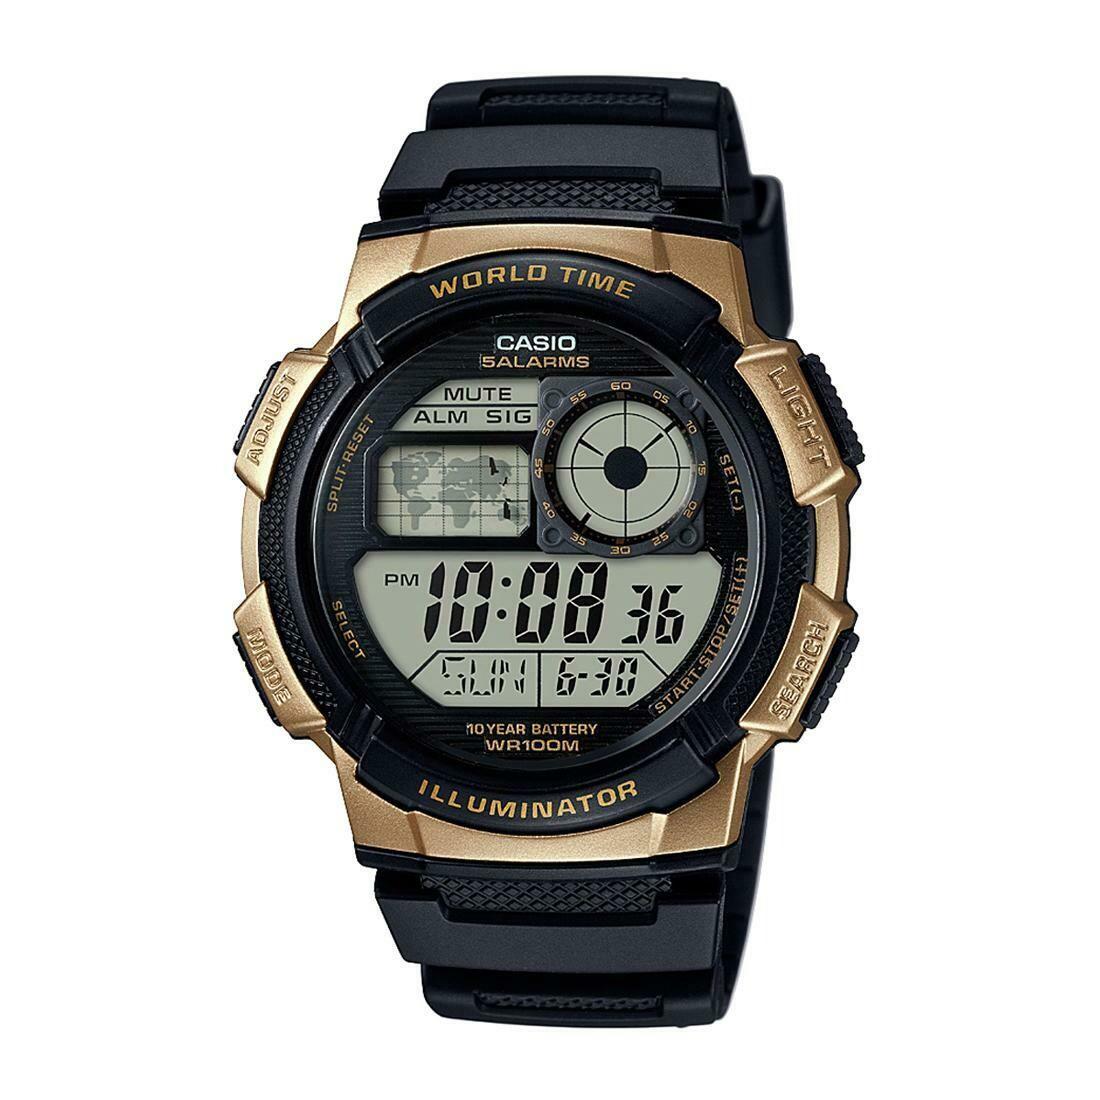 Casio Youth AE-1400WH-9AVDF Digital Wrist Watch For Men - Black